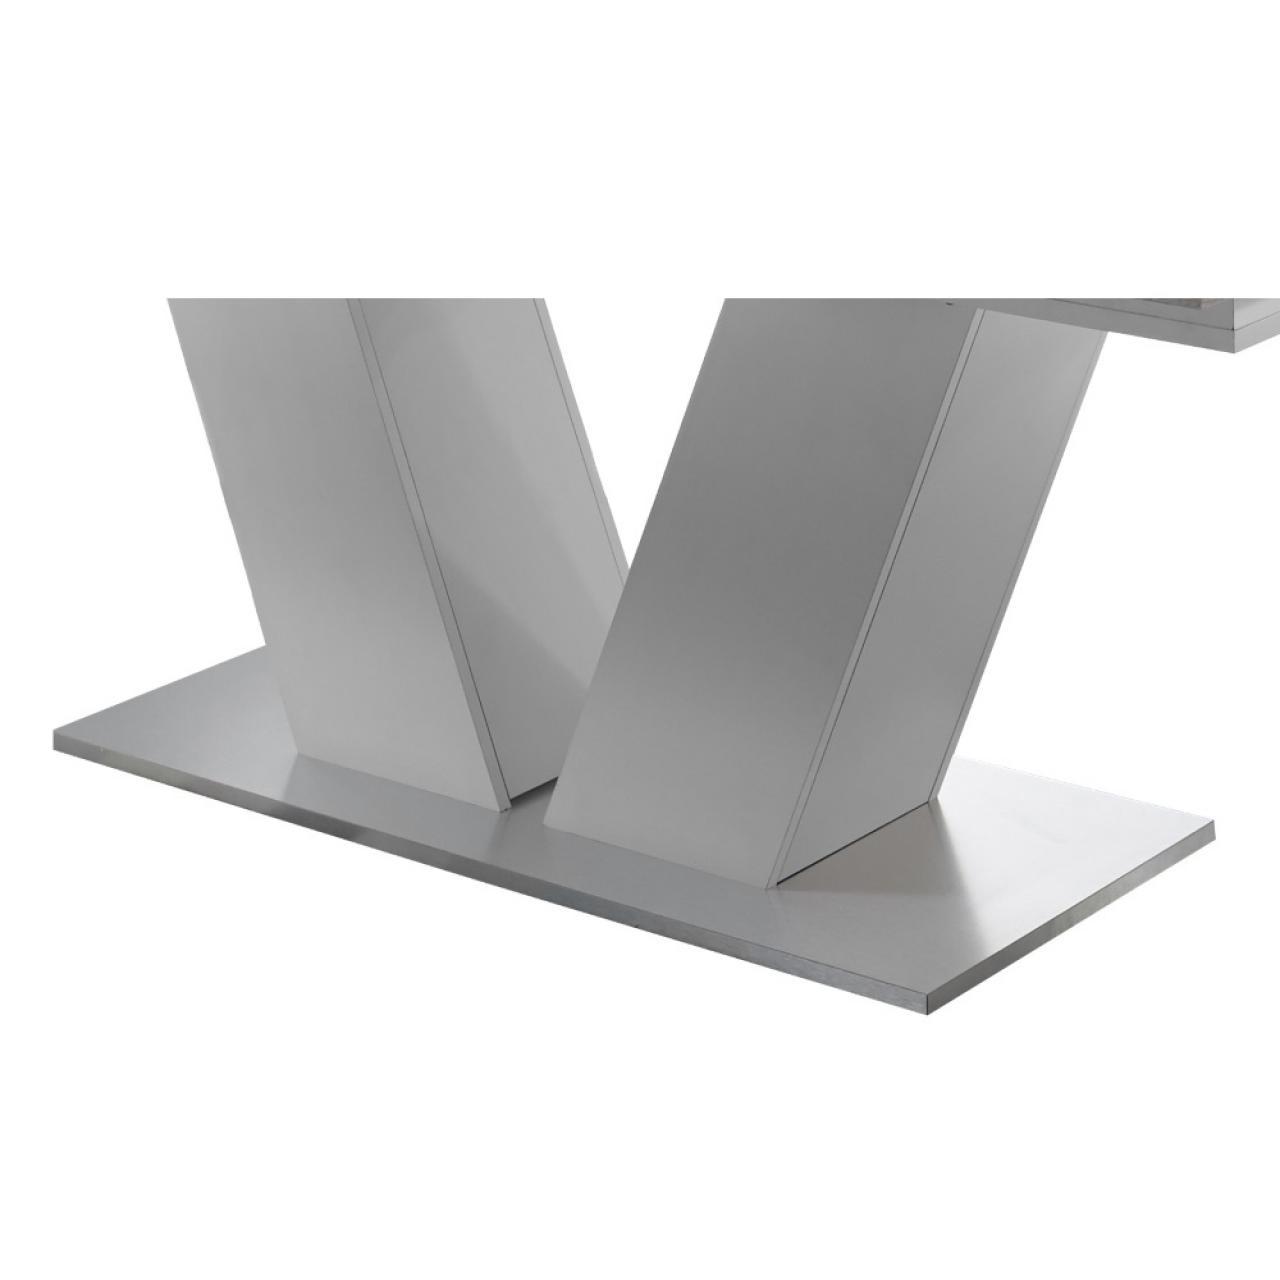 Esstisch Komfort Weiß Beton